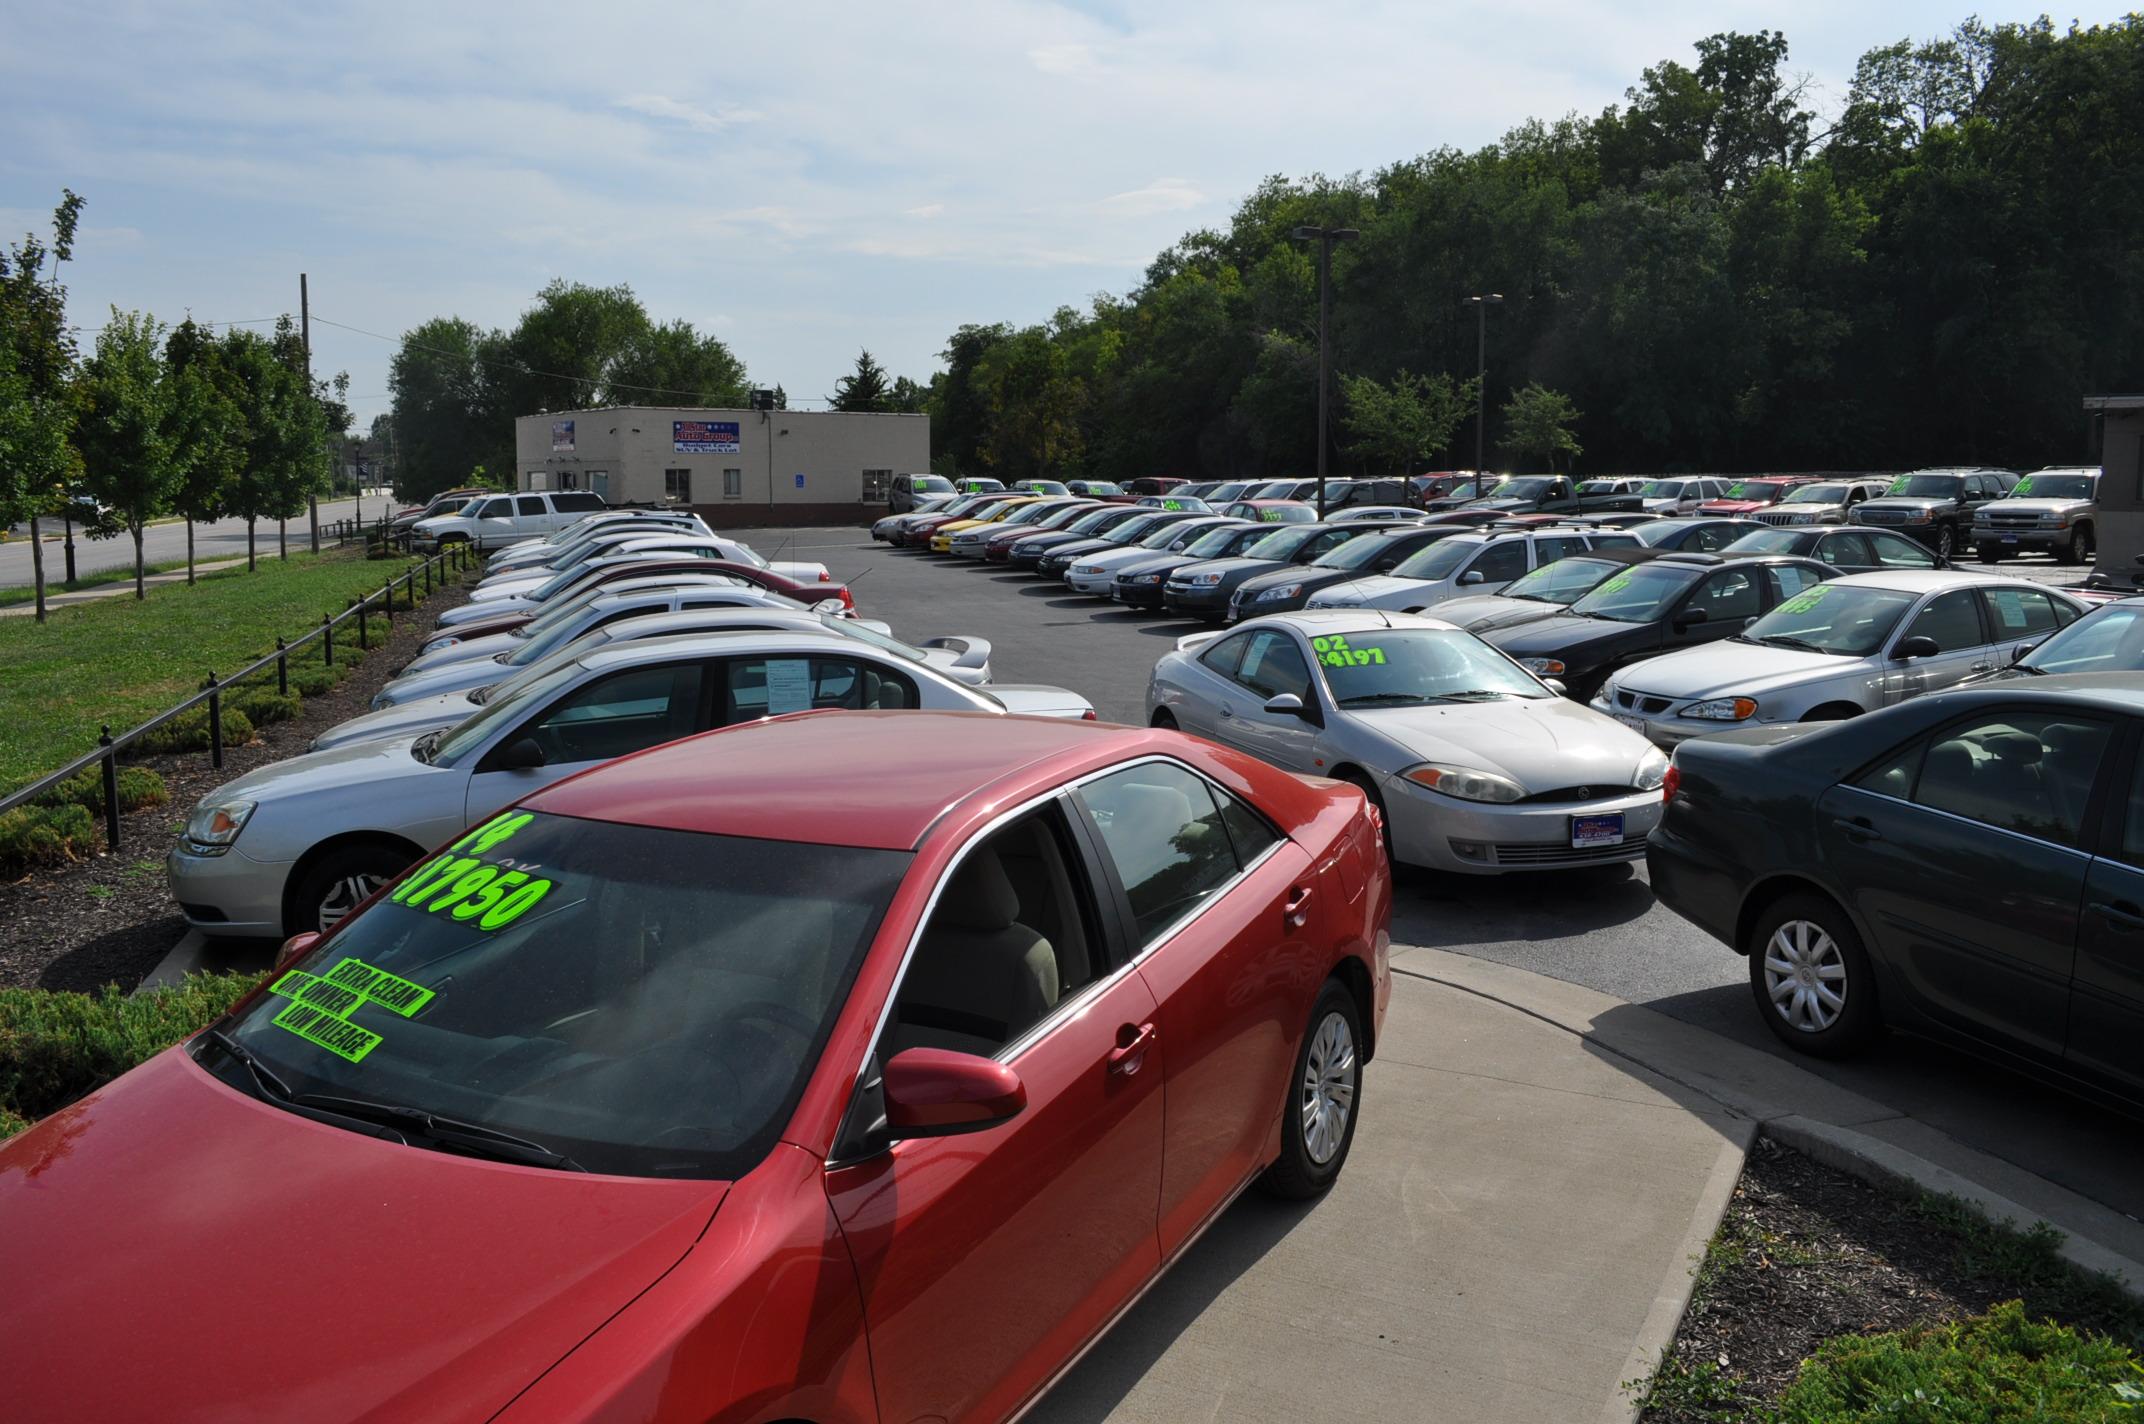 Kc Used Car Emporium Reviews